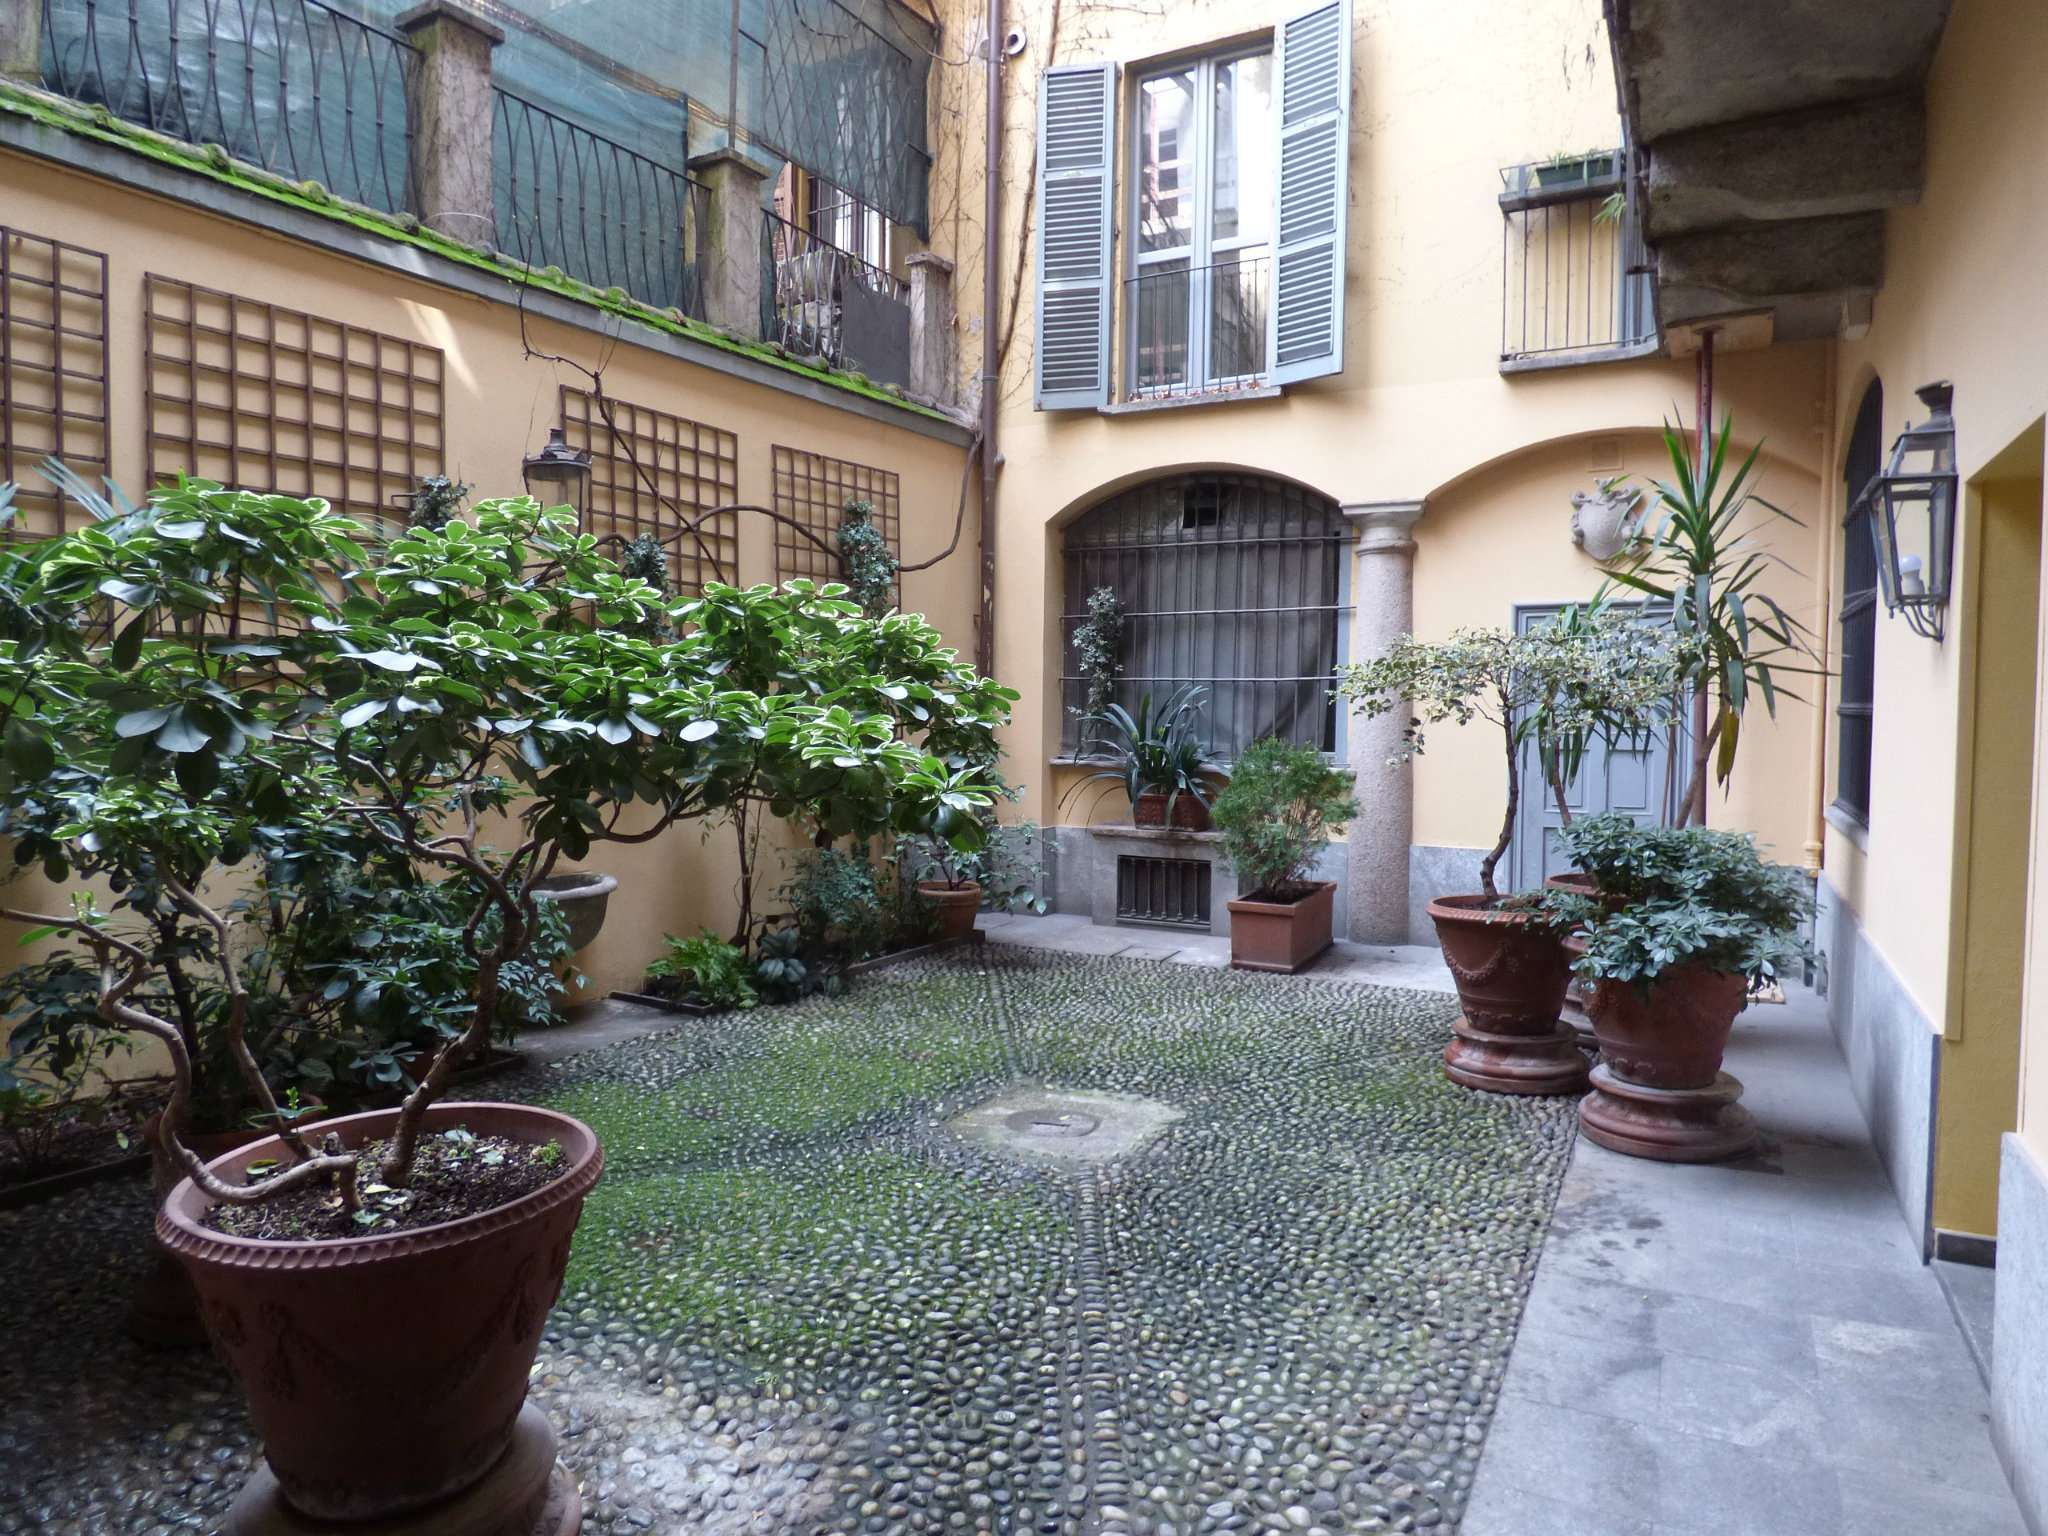 Appartamento in Vendita a Milano 01 Centro storico (Cerchia dei Navigli): 3 locali, 73 mq